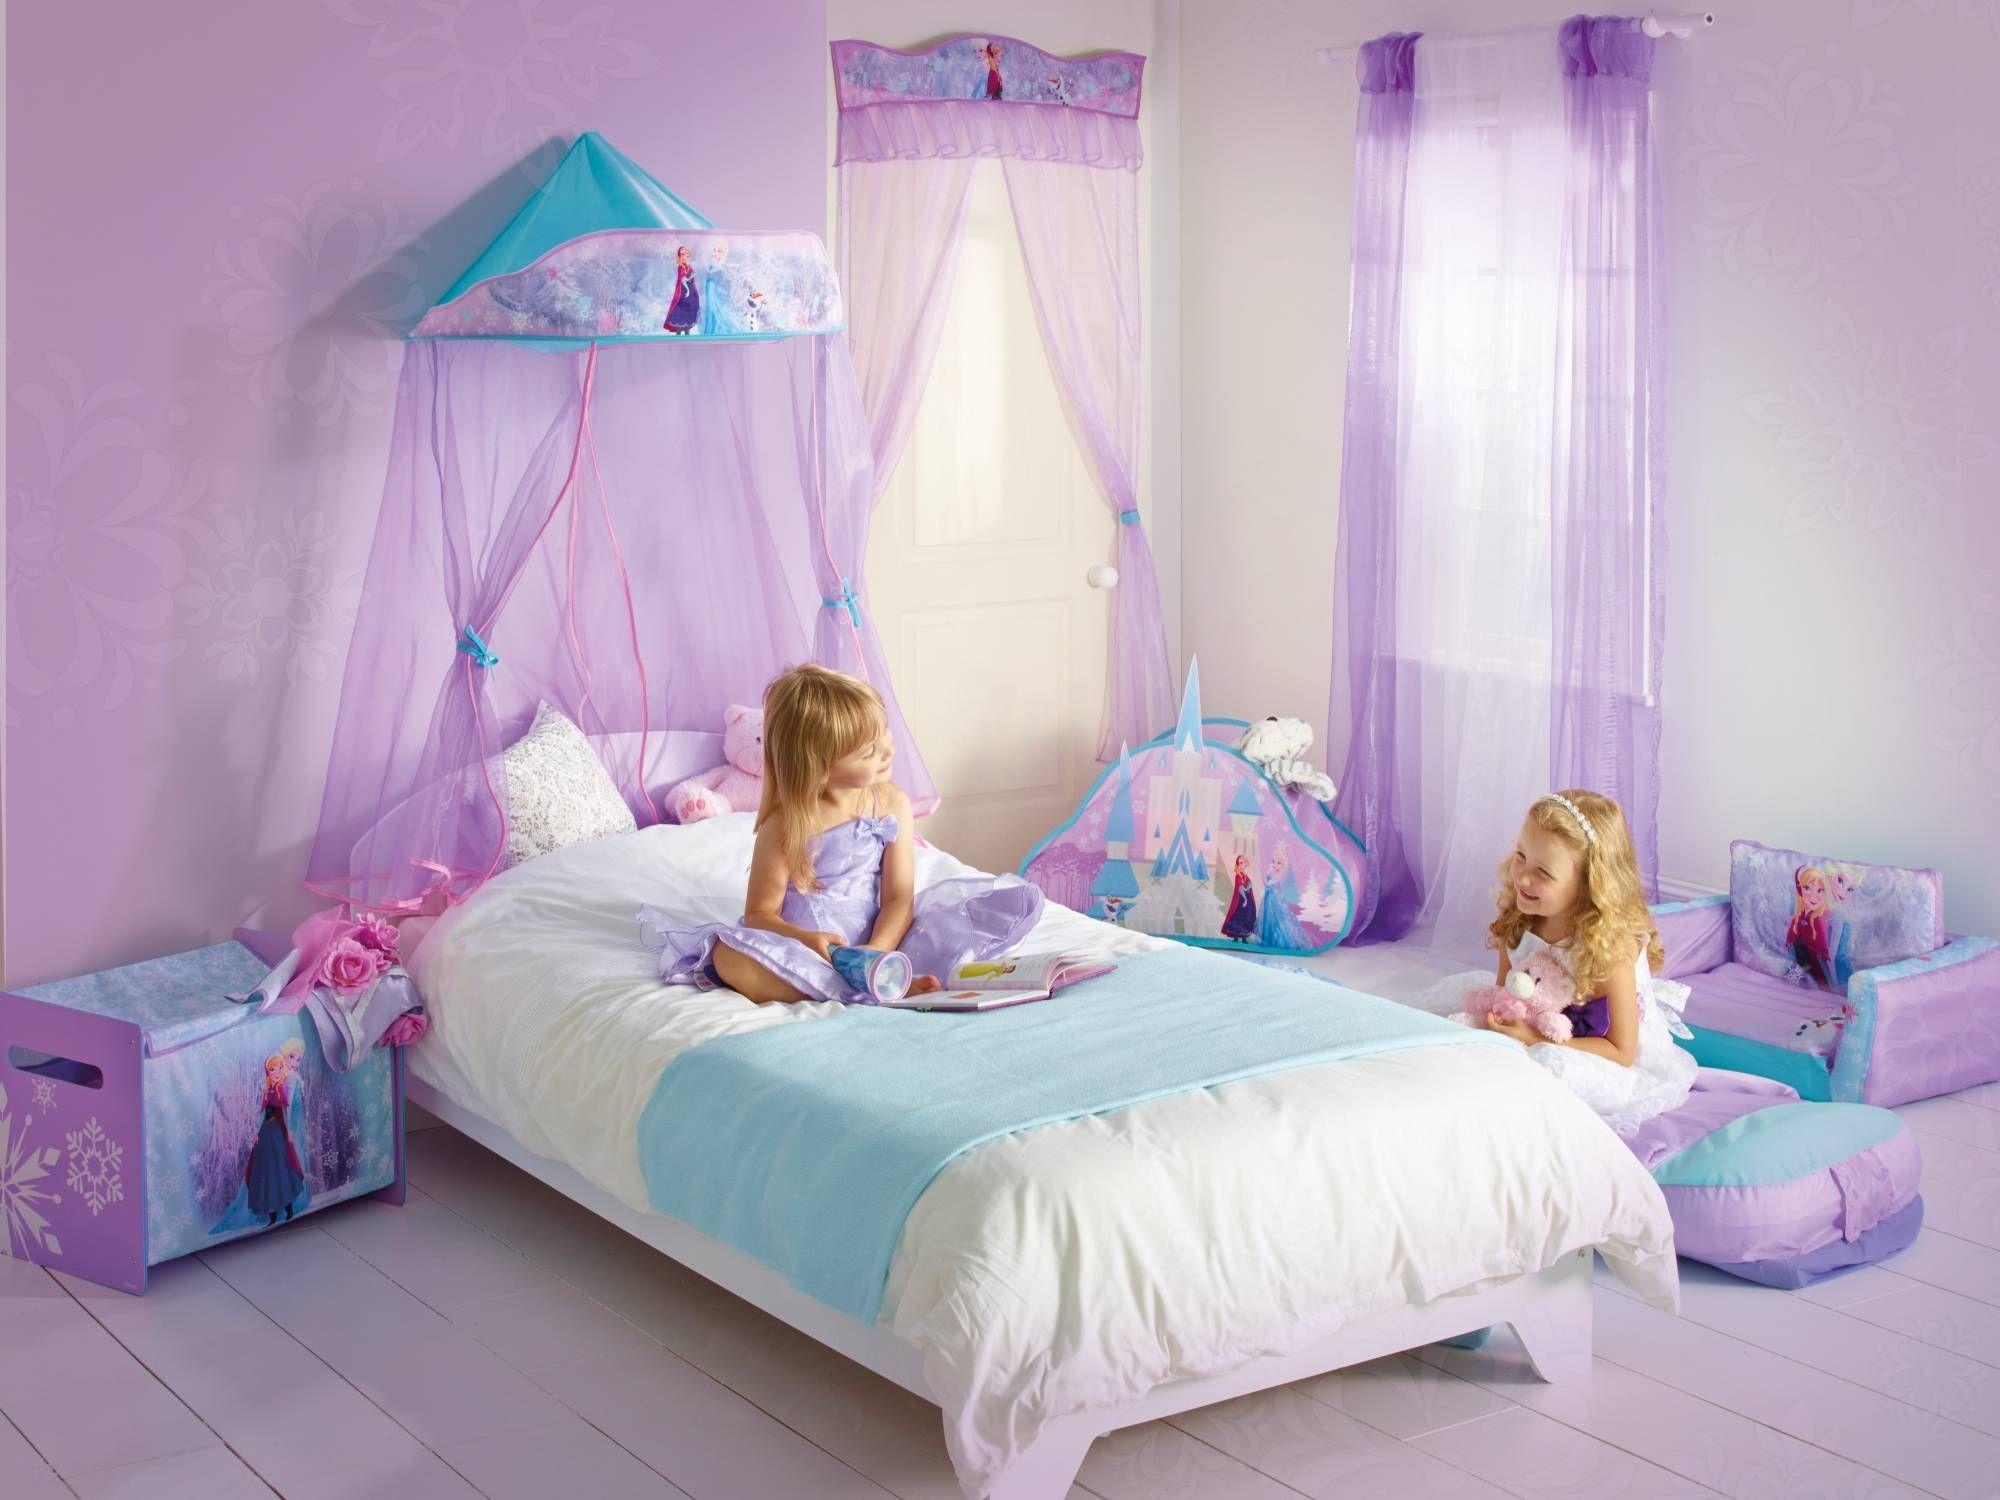 Anna Frozen 2 Bedroom Decor en 2020 Dormitorio de frozen